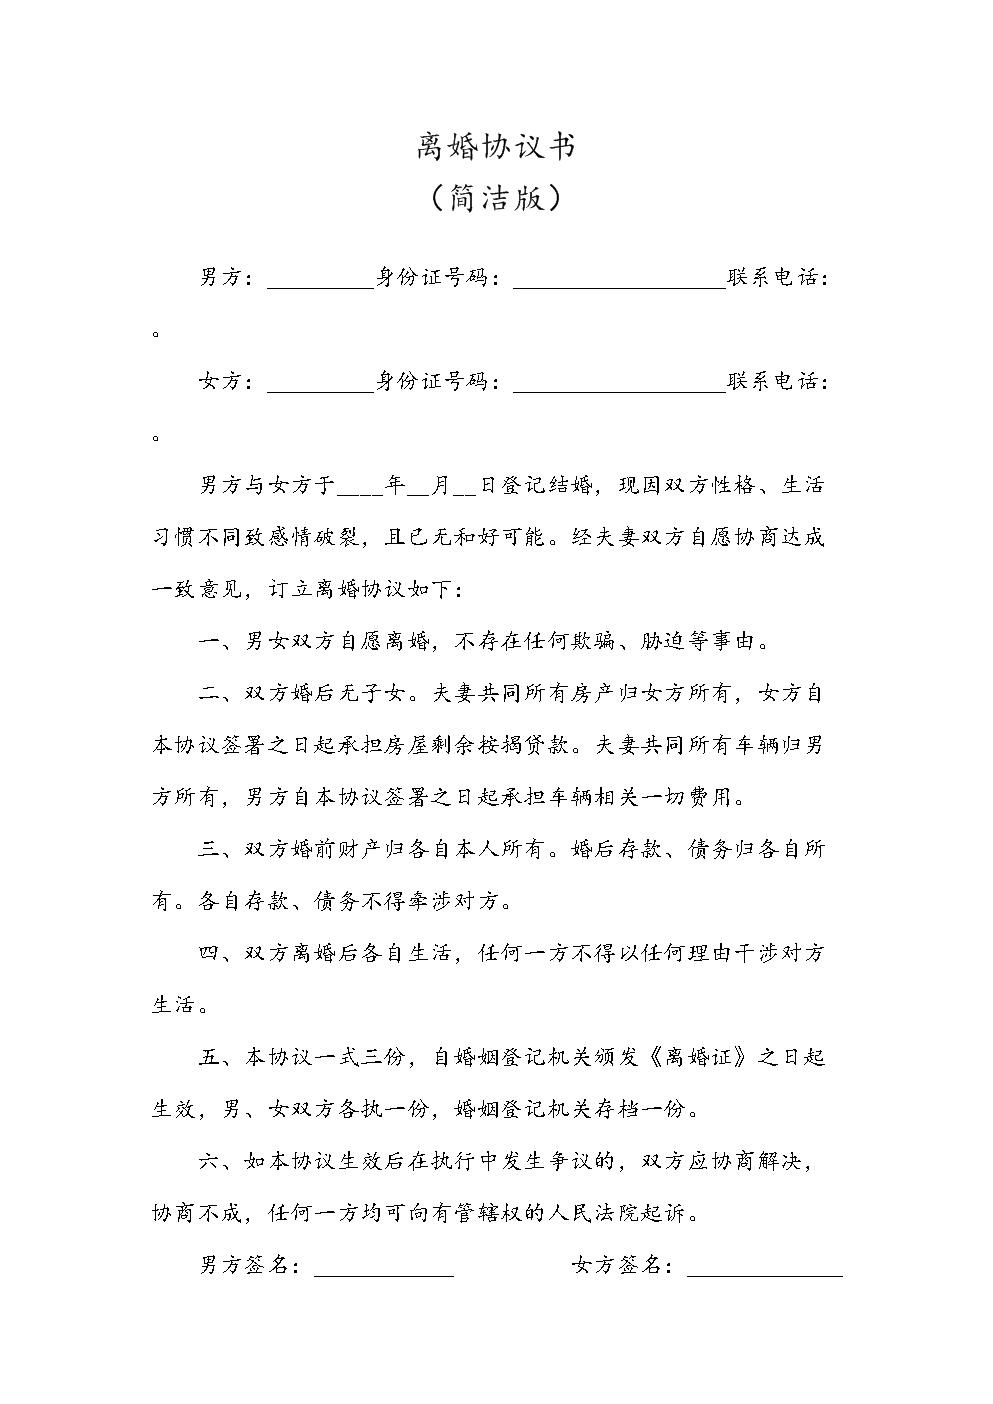 离婚协议书简洁版.docx